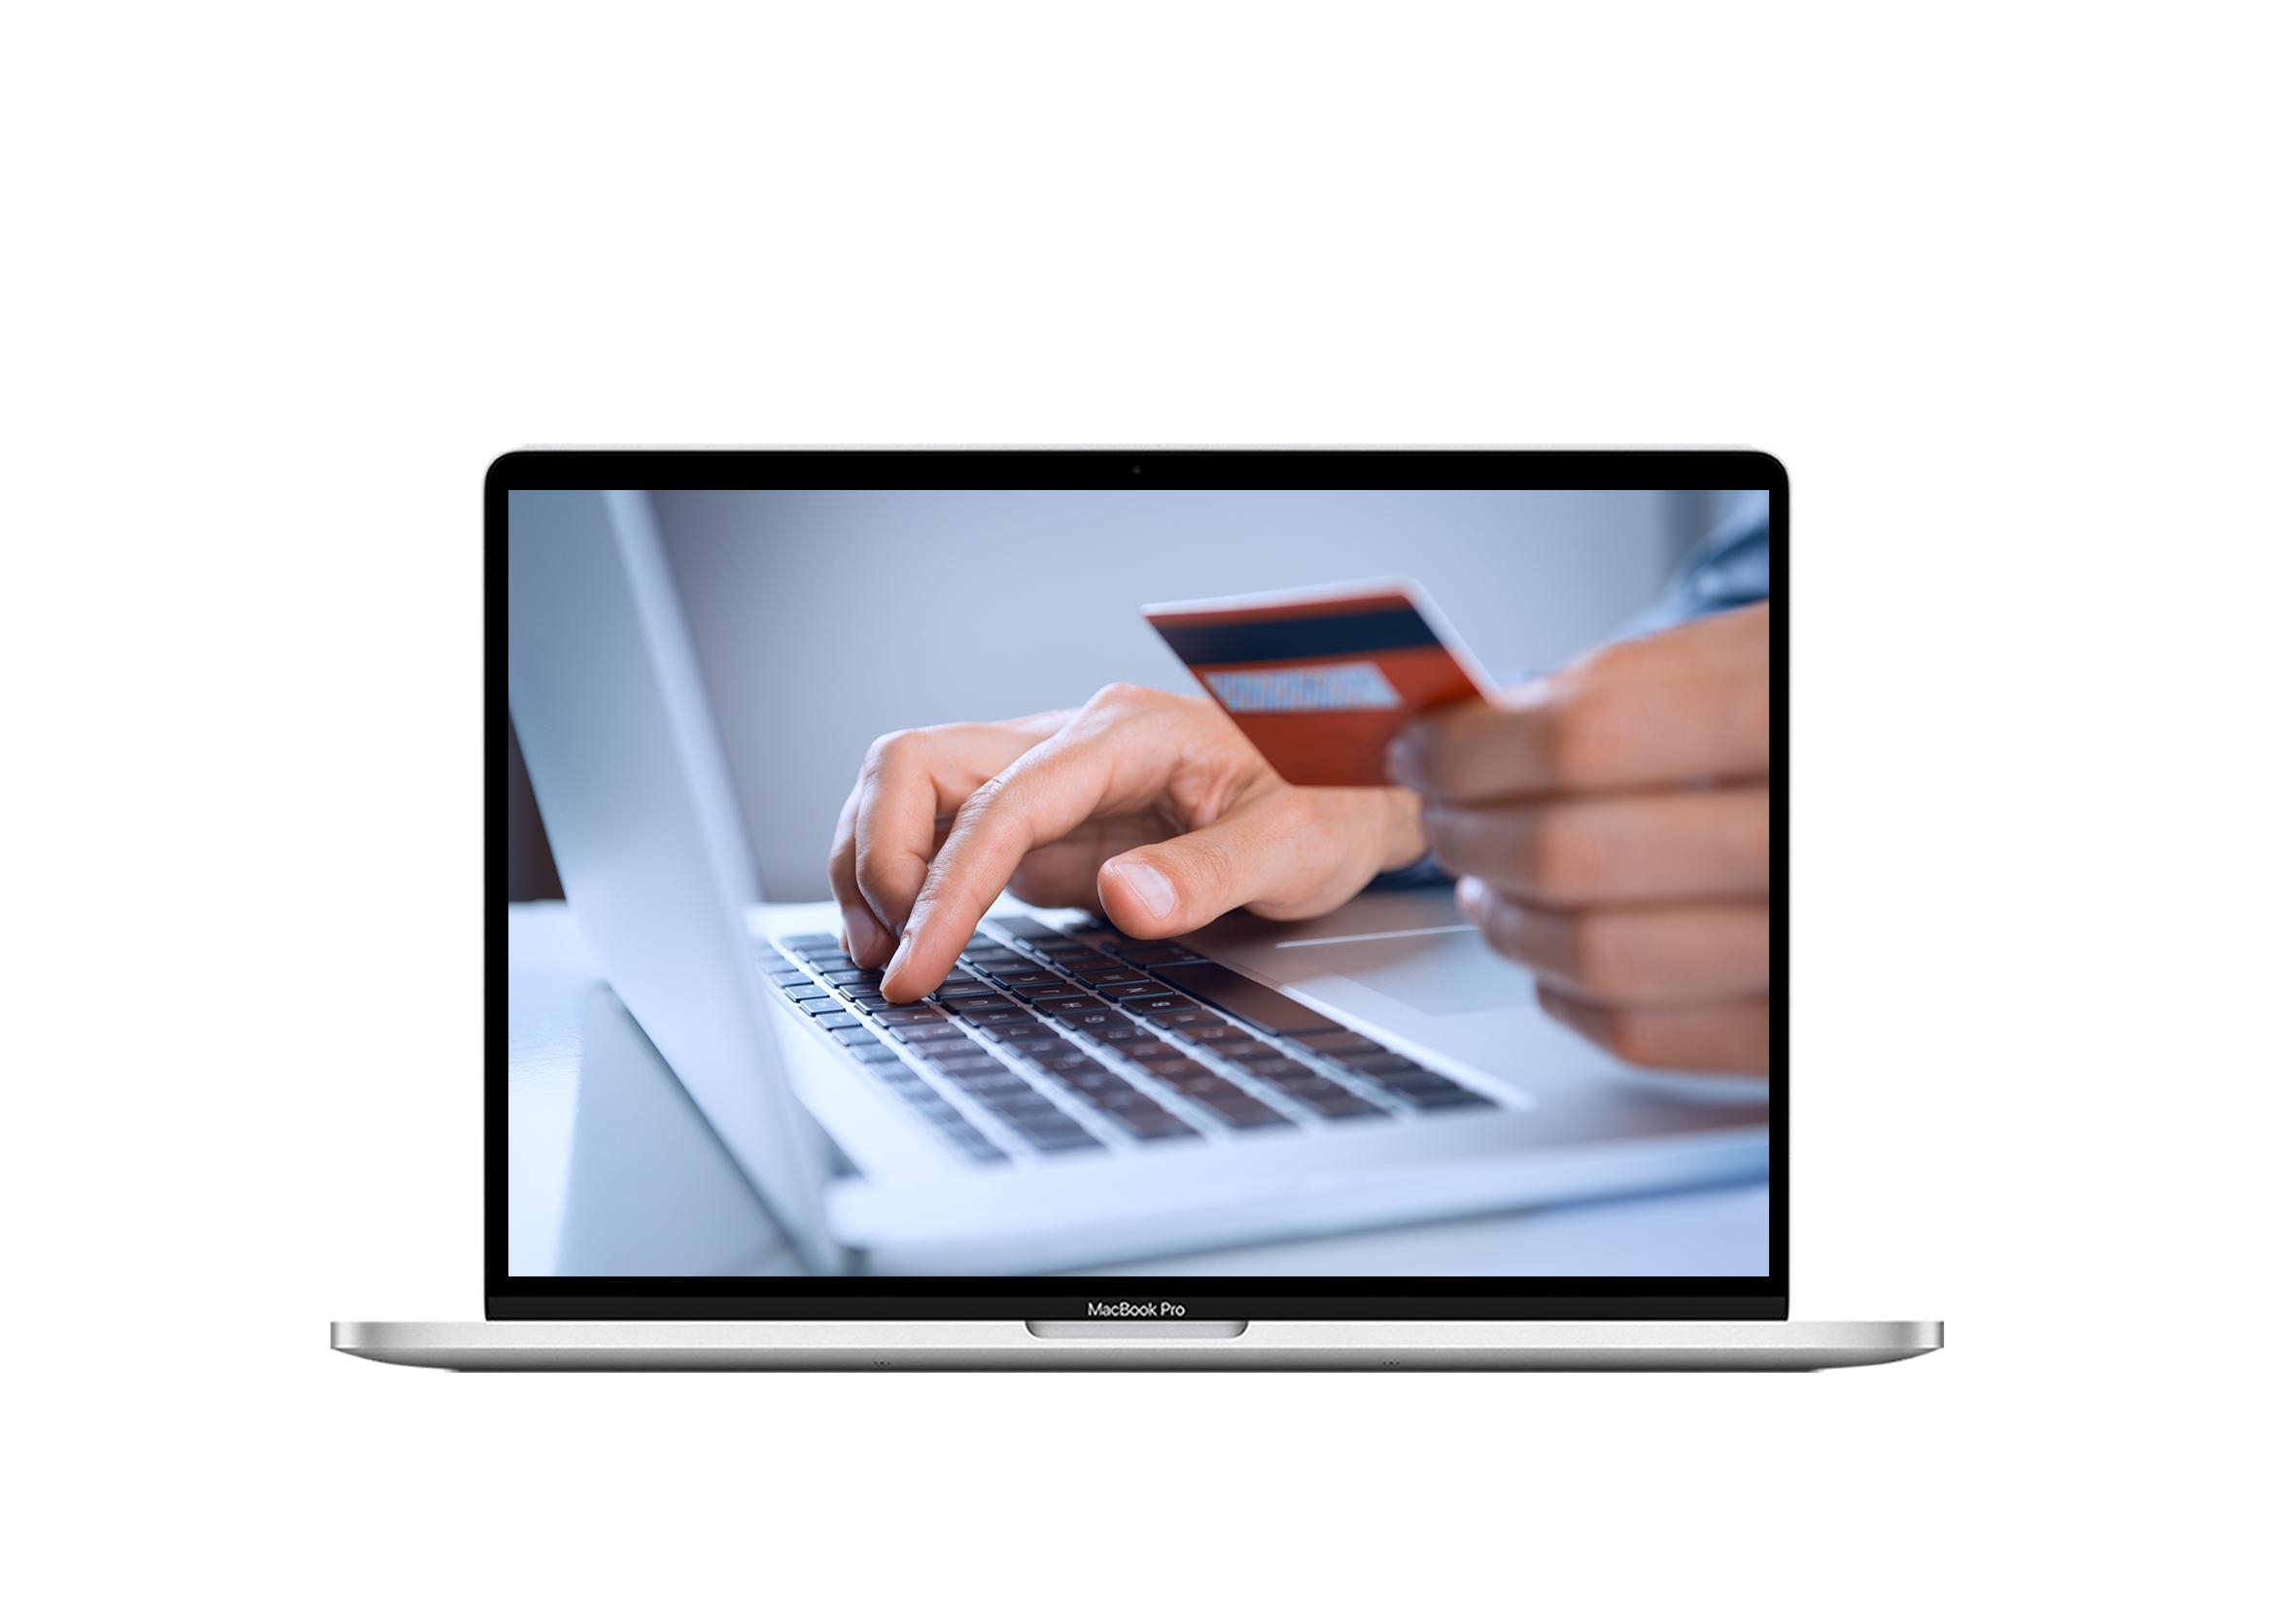 Заказы с сайтов, склад, учет продаж и общение с клиентами в 1 месте